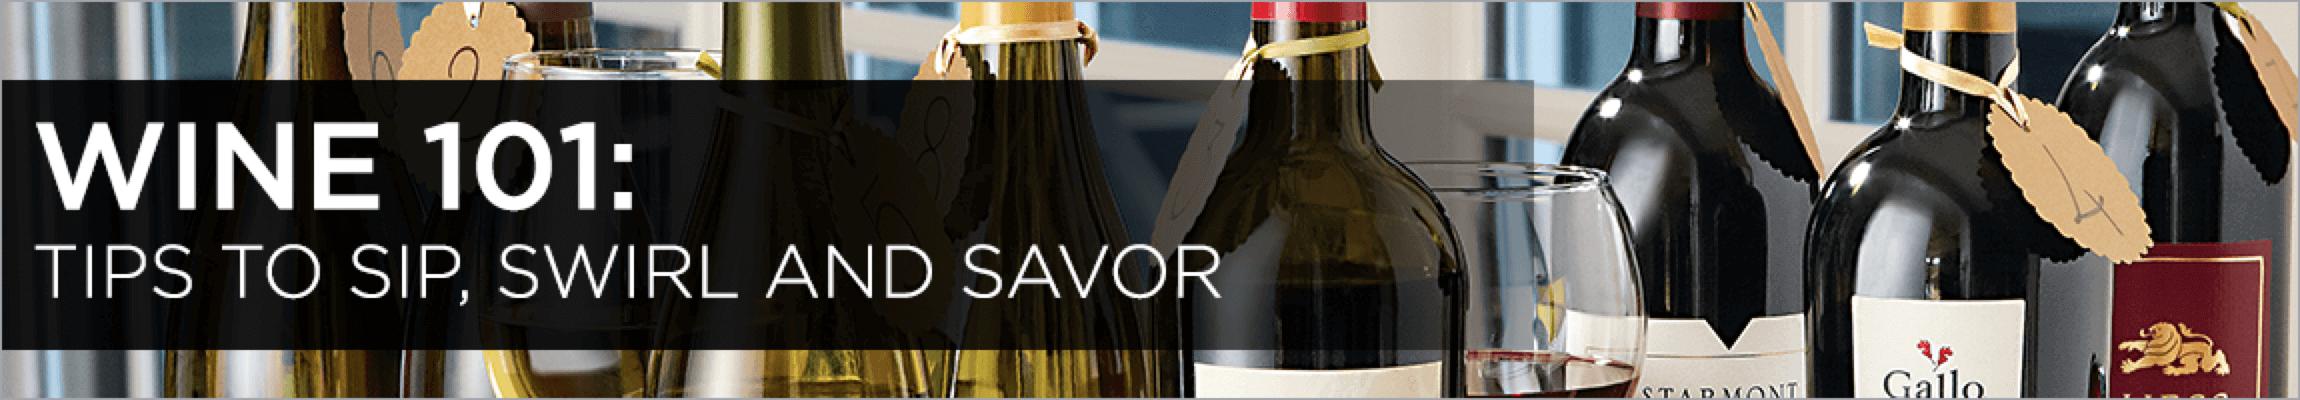 BevMo! Wine 101